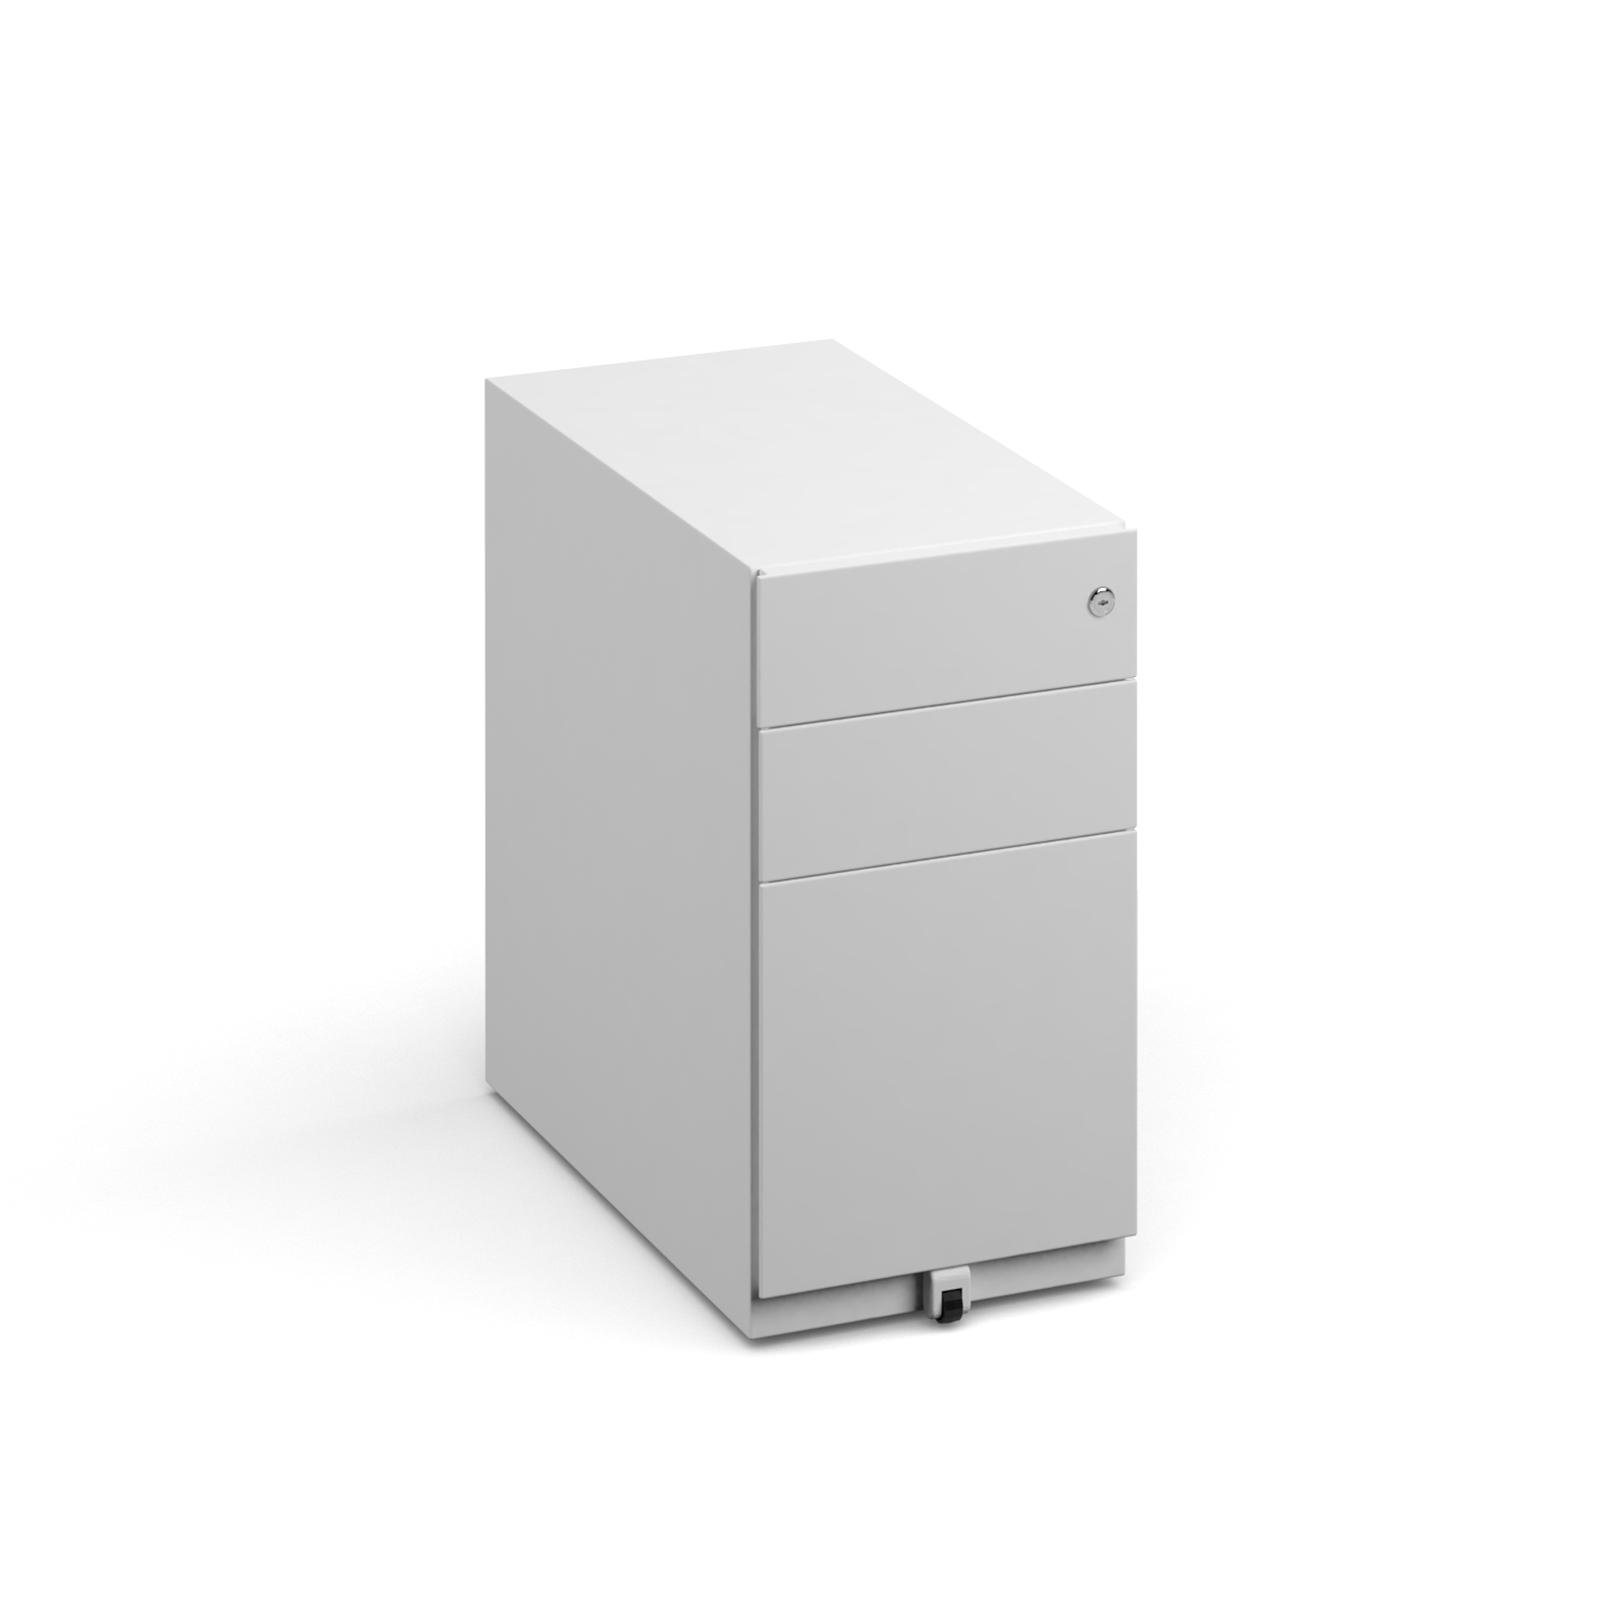 Slimline steel pedestal 300mm wide - white